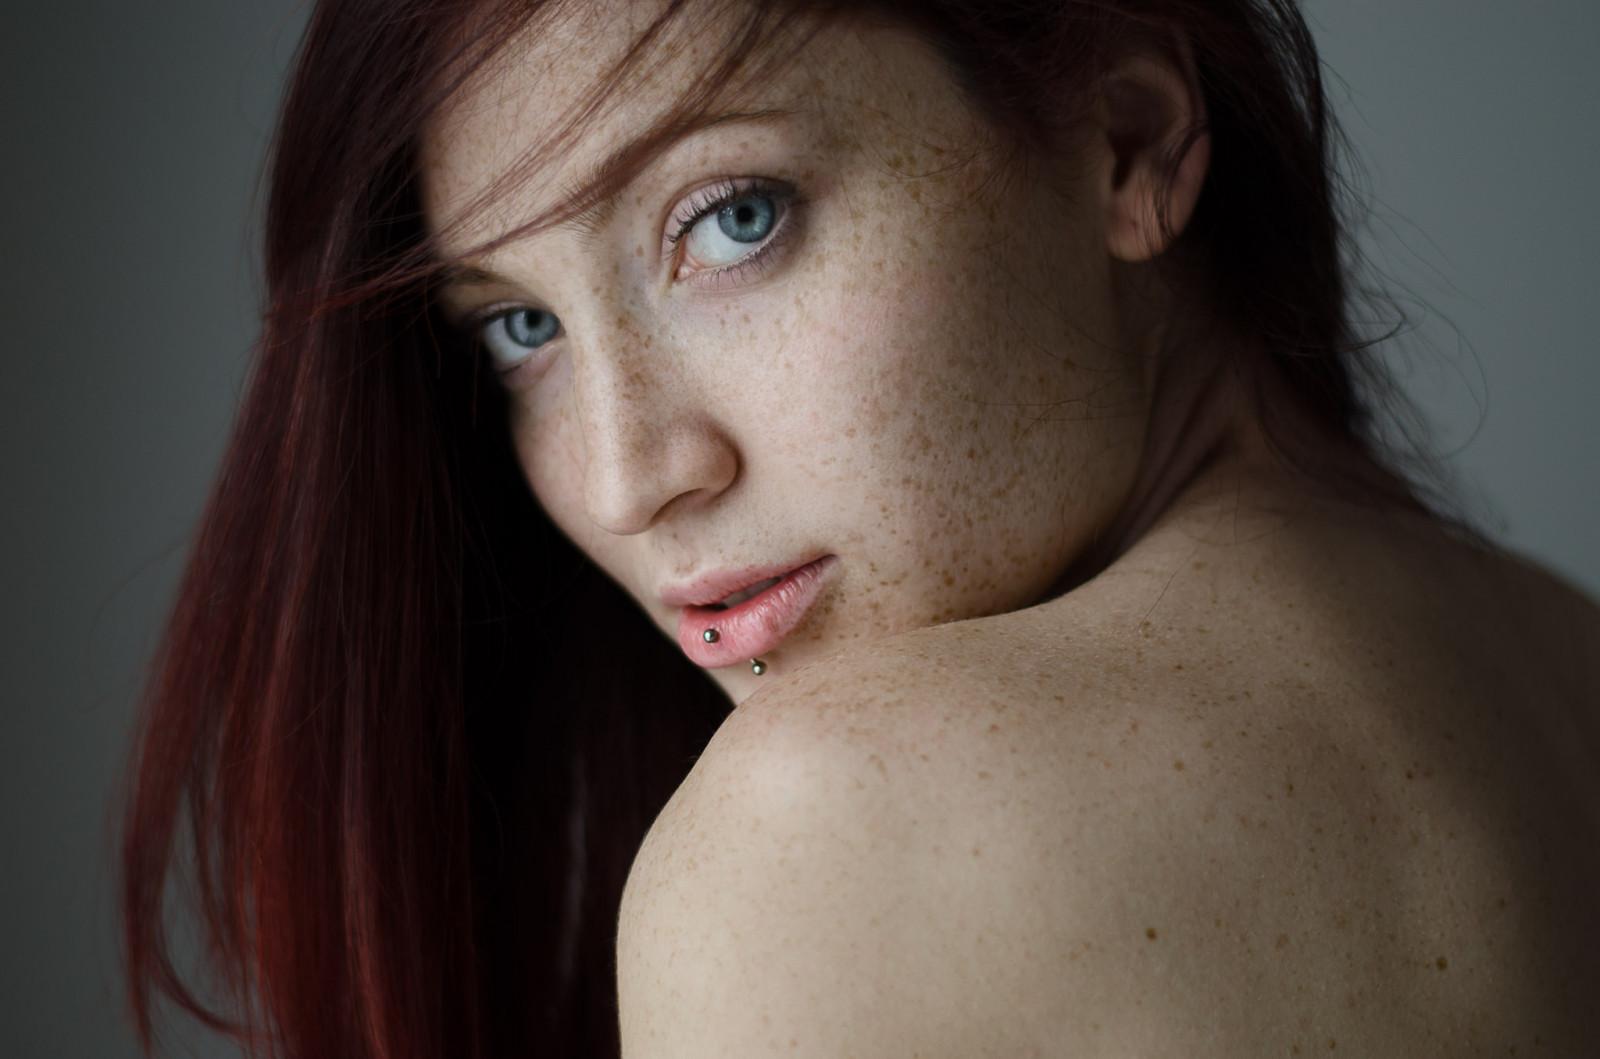 Порно фото и Фото голых, смотреть онлайн ххх бесплатно